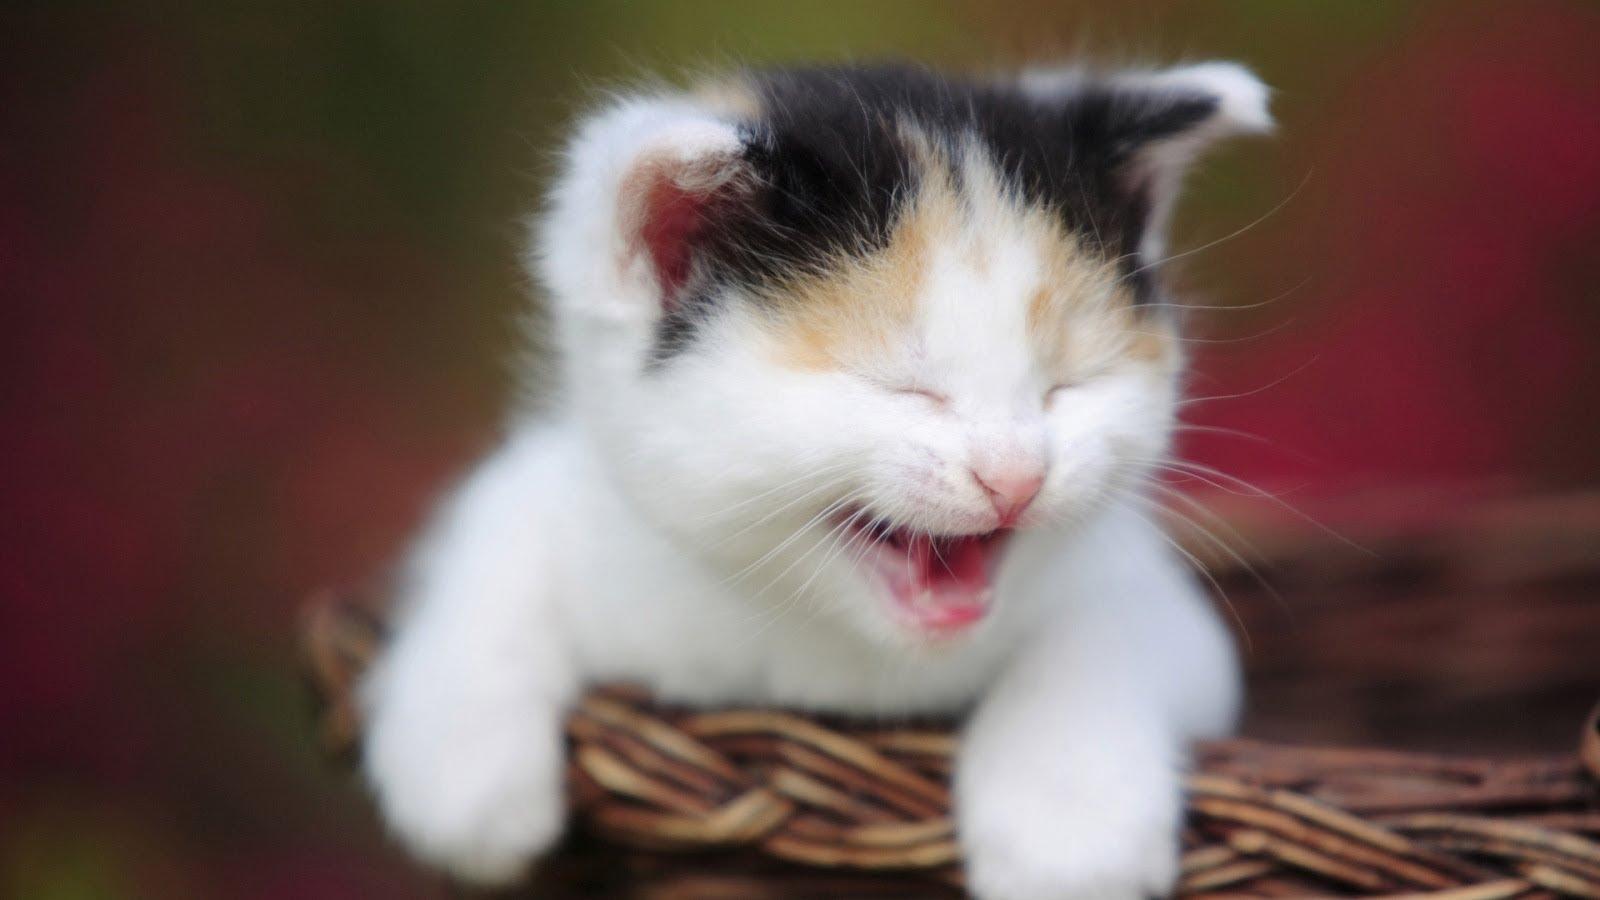 صور صور قطط مضحكة , ابتسم مع الحركات المضحكة لاشقي القطط.